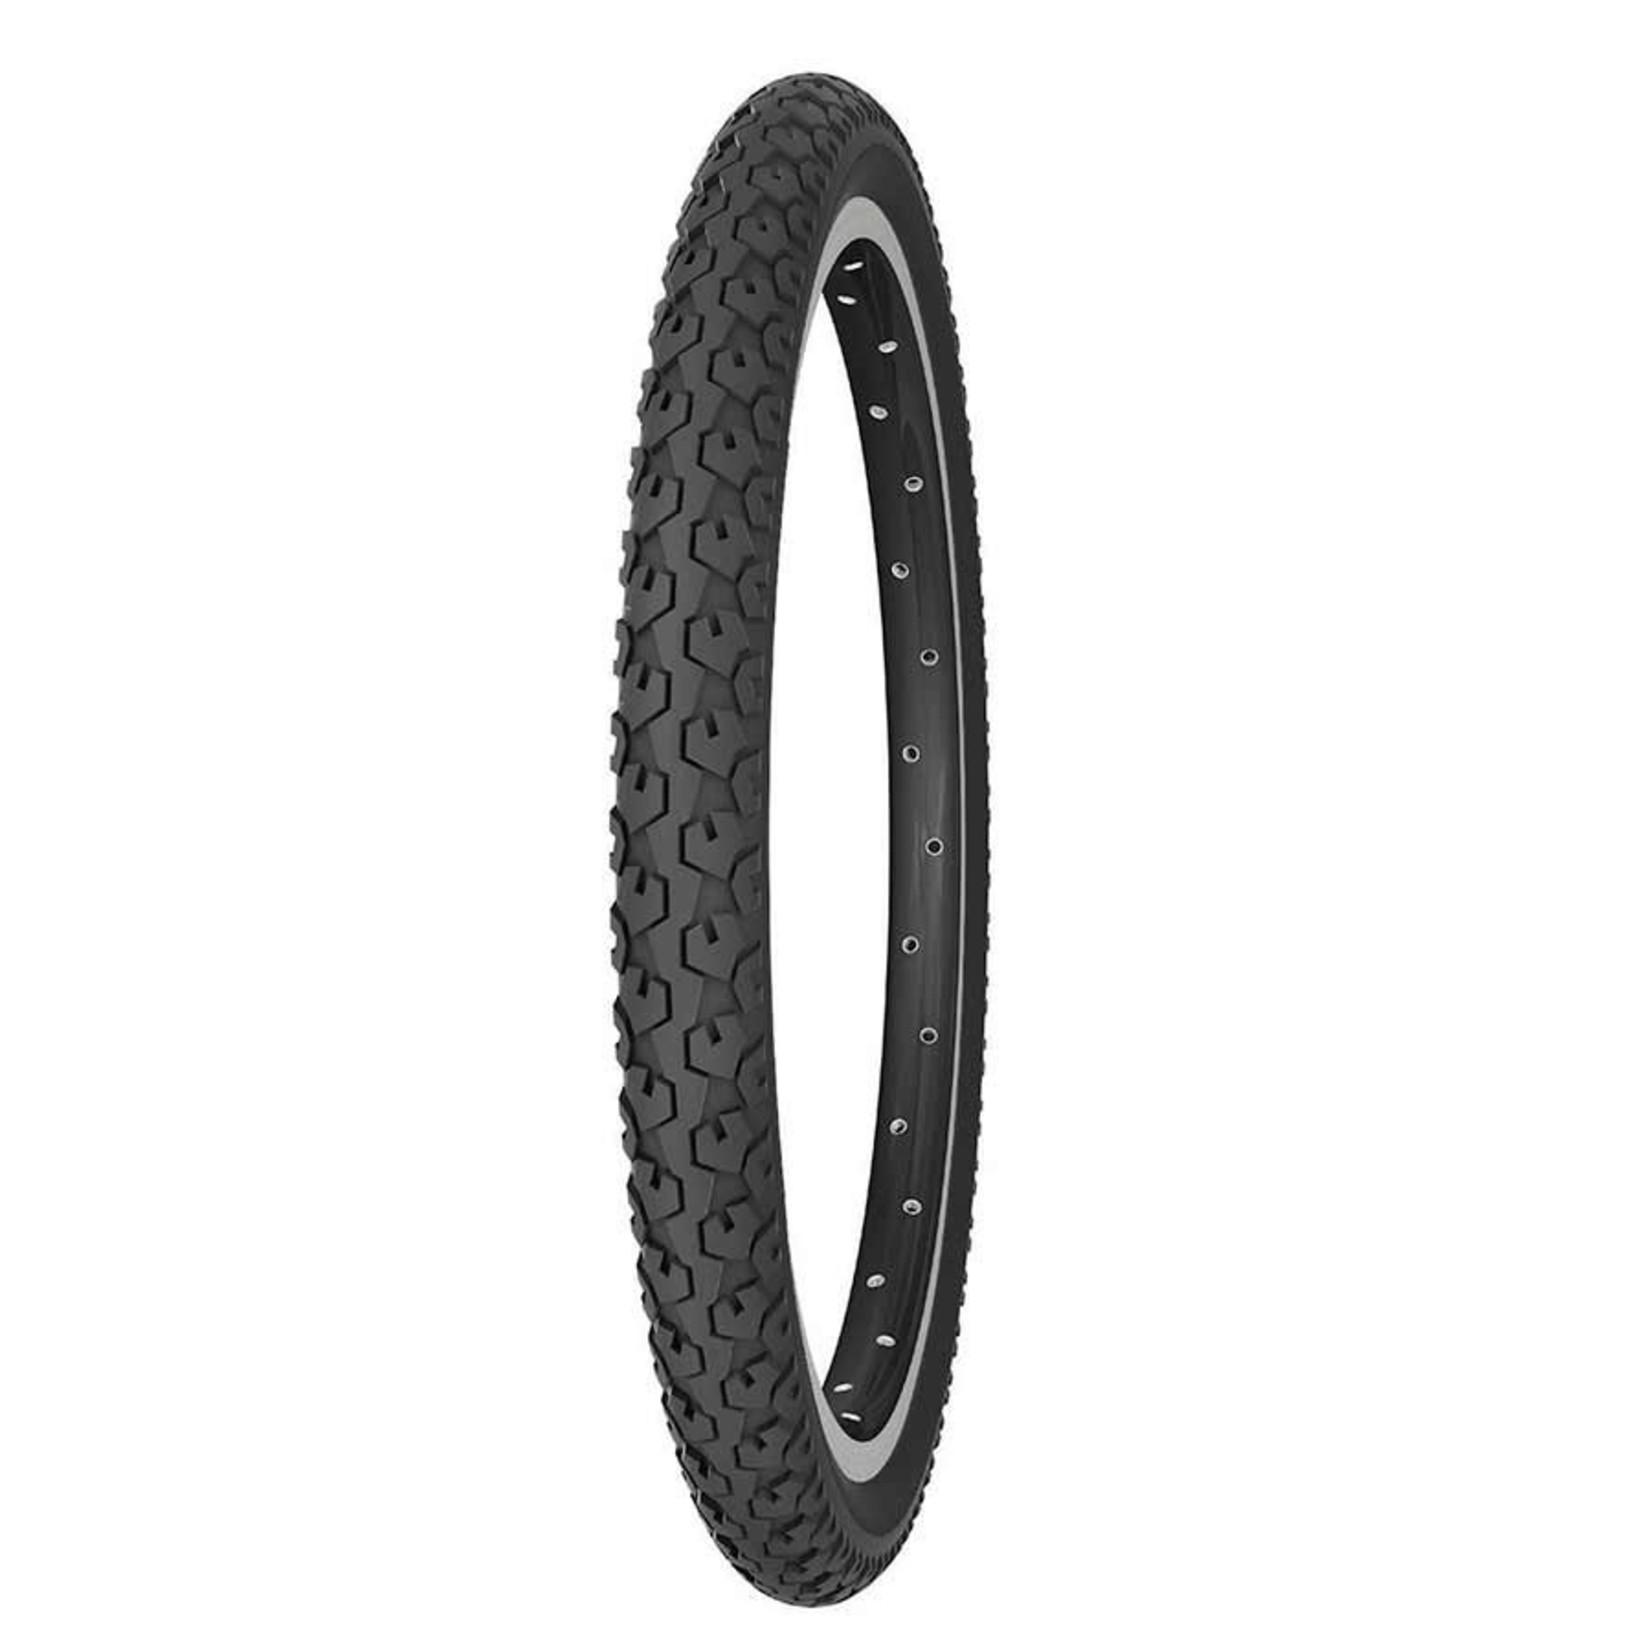 Michelin Michelin Country Junior Wire Bead Tire, 20x1.75